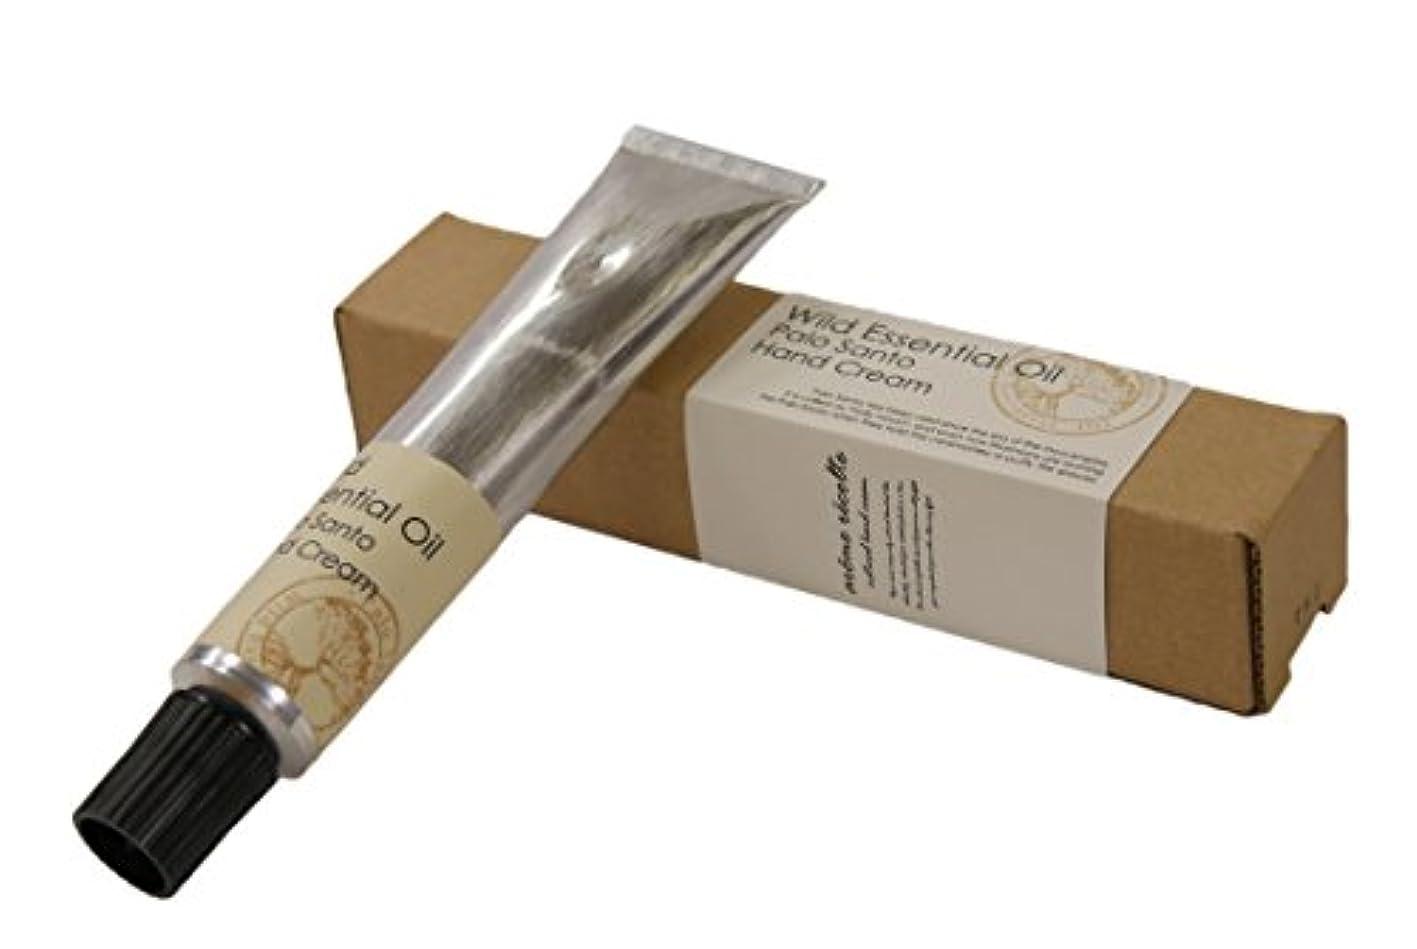 形式ジェスチャーリストアロマレコルト ハンドクリーム パロサント 【Palo Santo】 ワイルド エッセンシャルオイル wild essential oil hand cream arome recolte